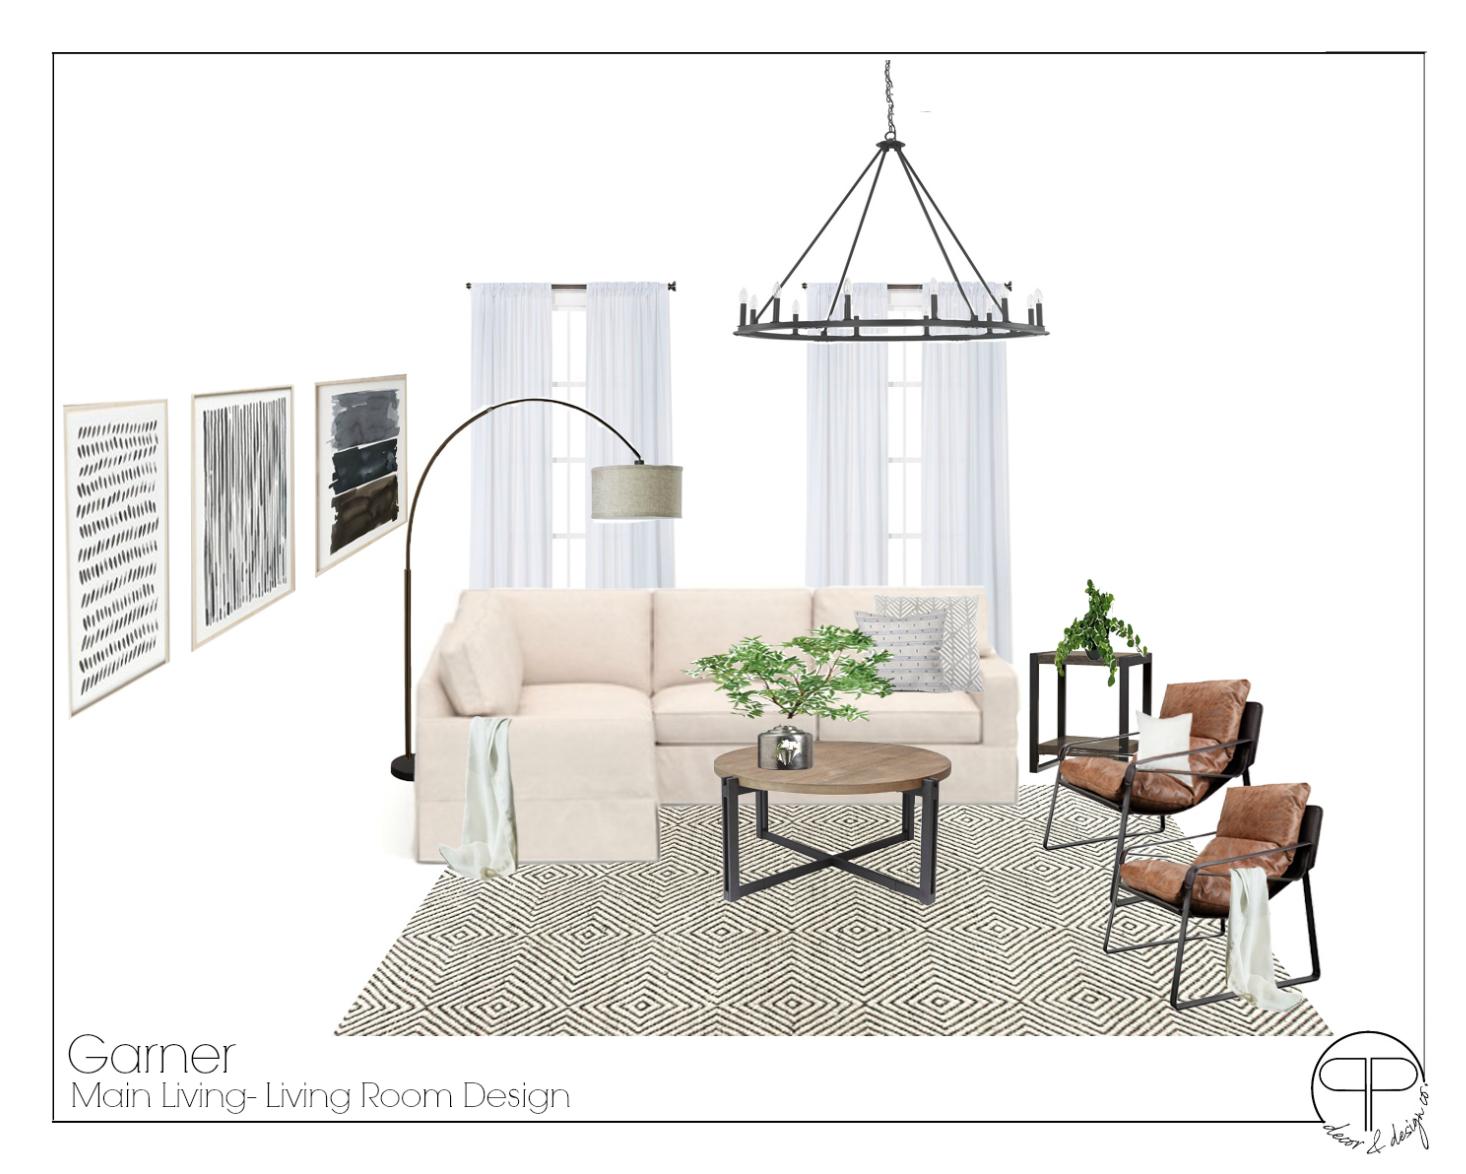 Garner_Main_Living_Room_Design_1.png